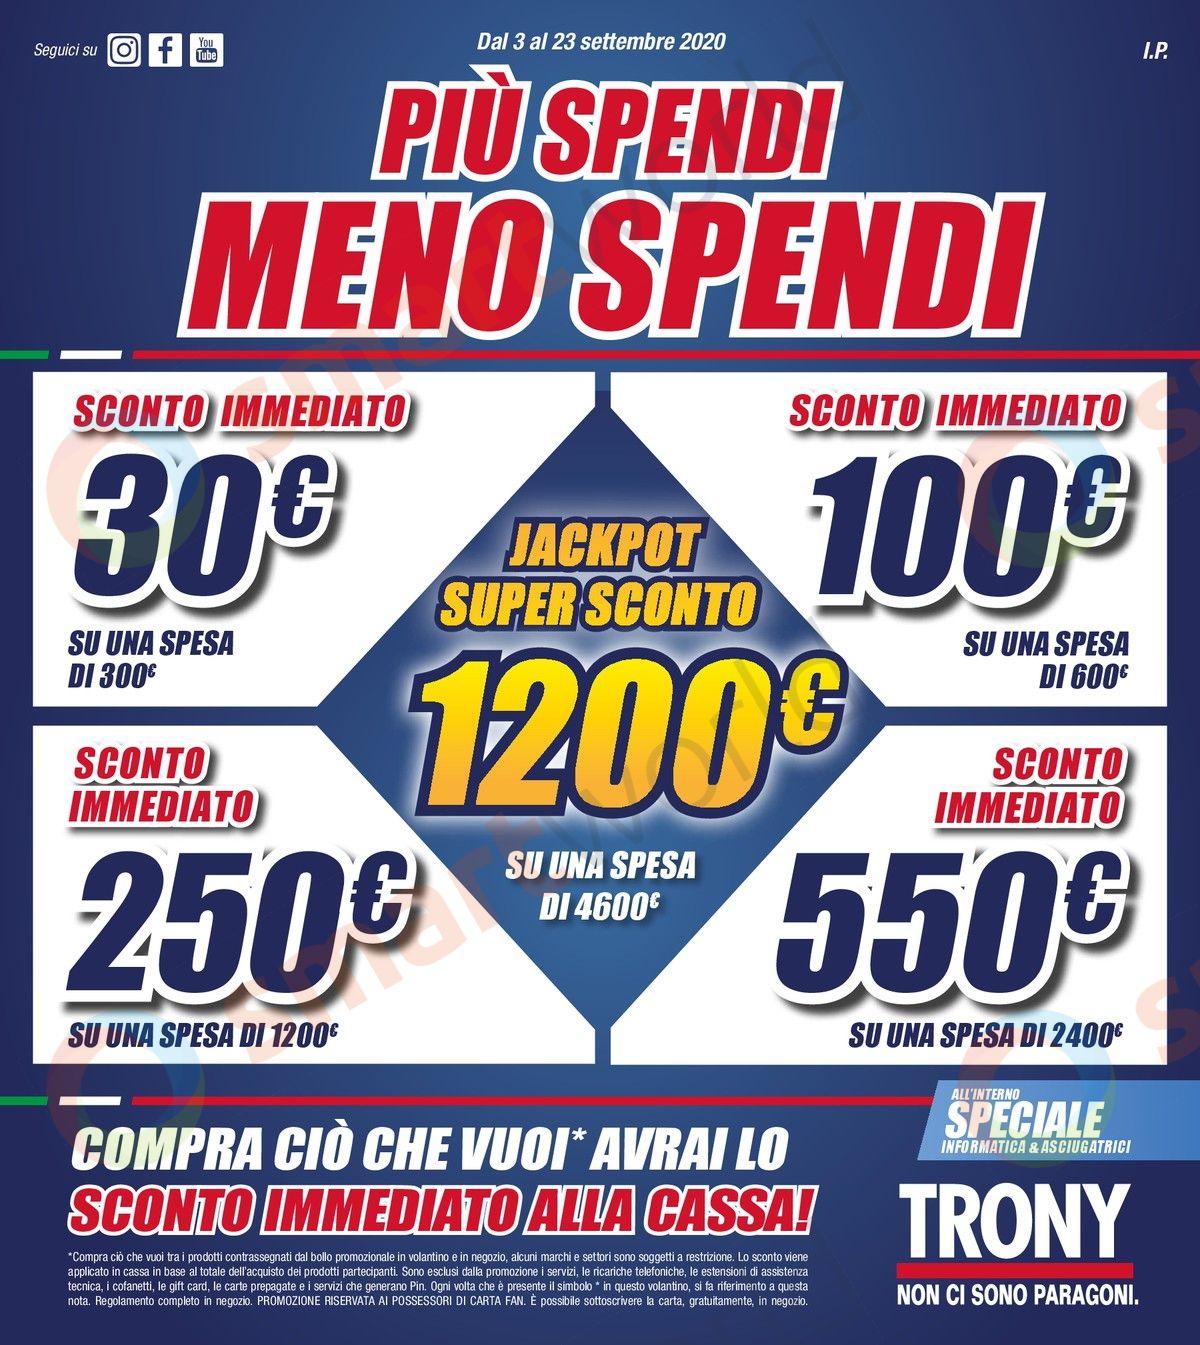 Volantino Trony Più spendi, meno spendi 3-23 settembre (1)